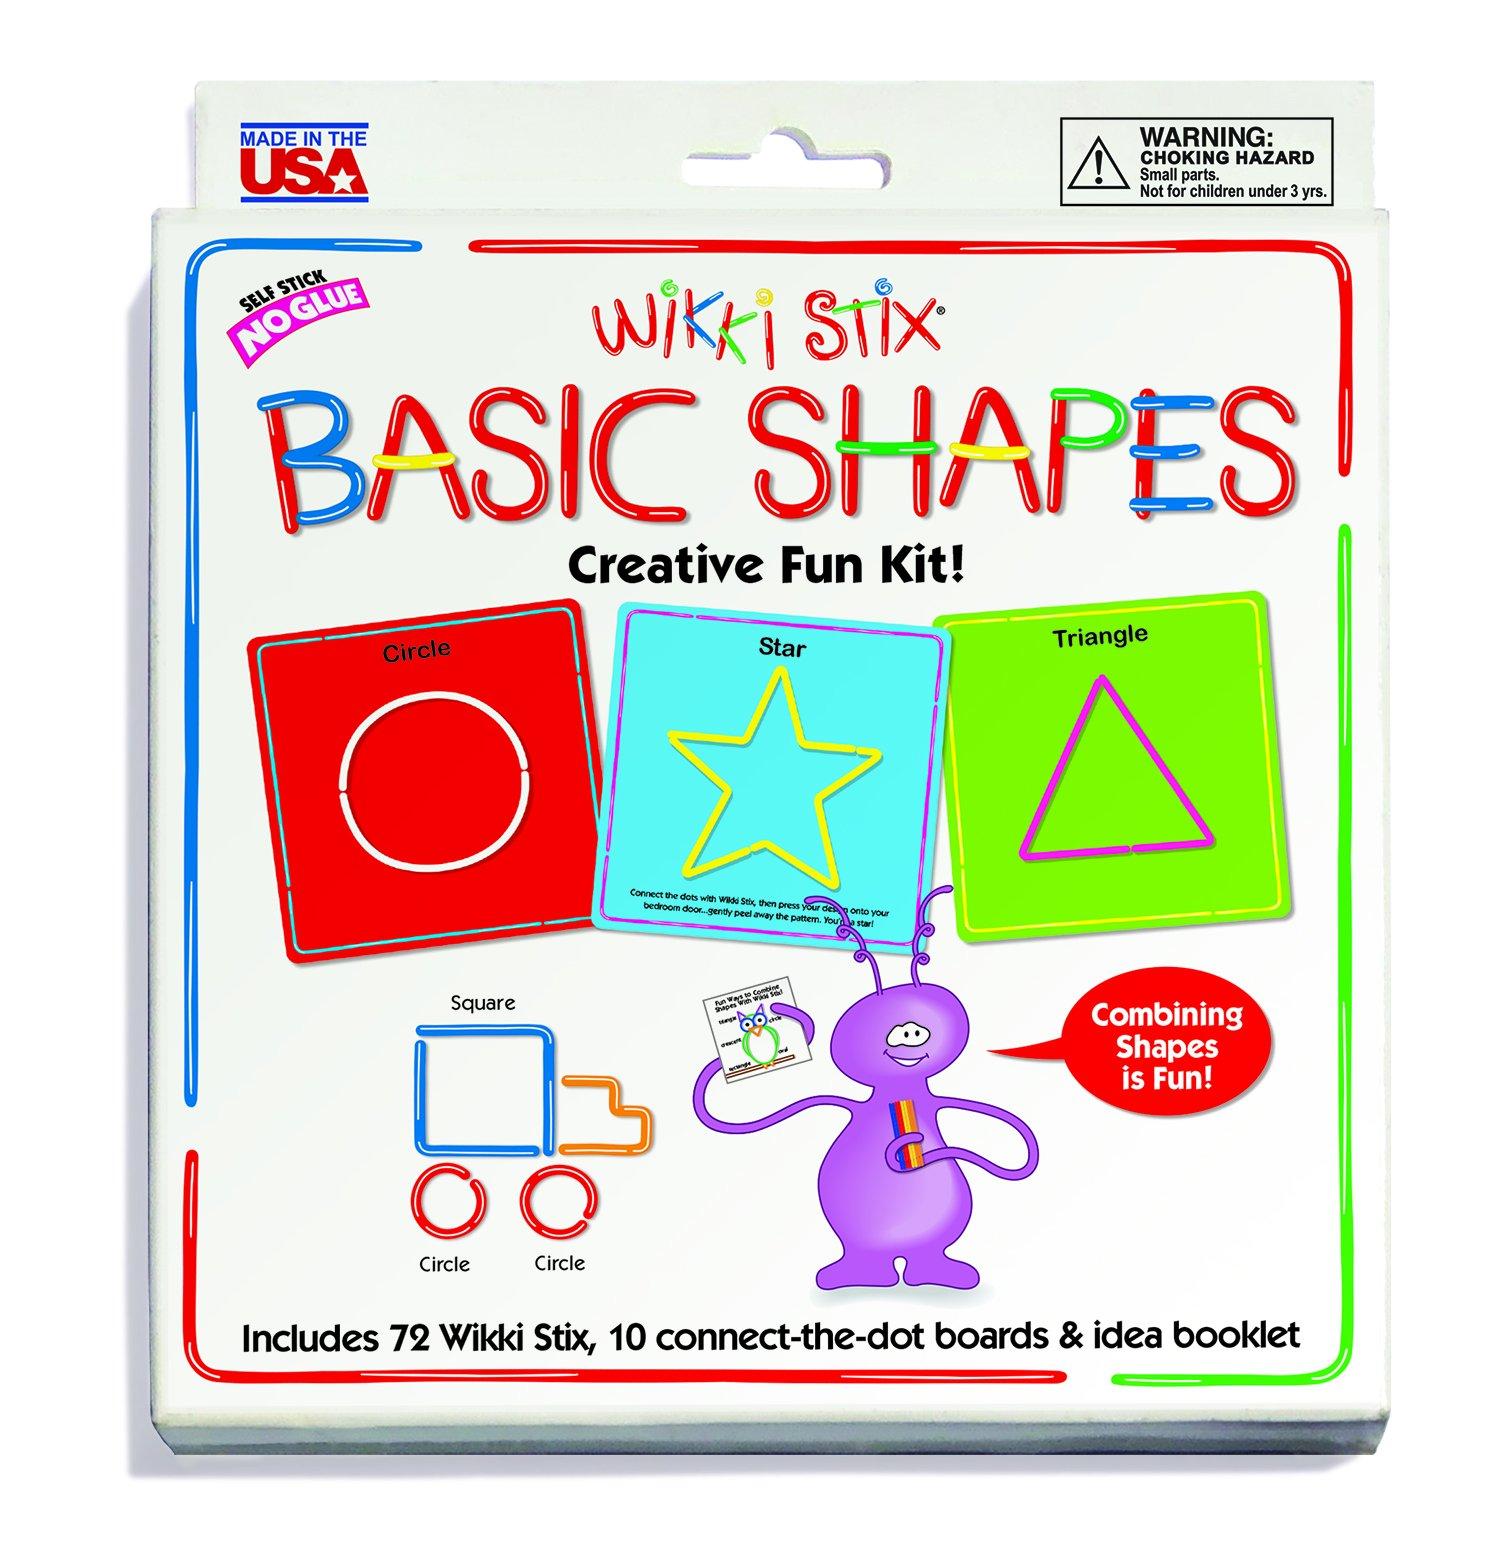 WikkiStix Basic Shapes by WikkiStix